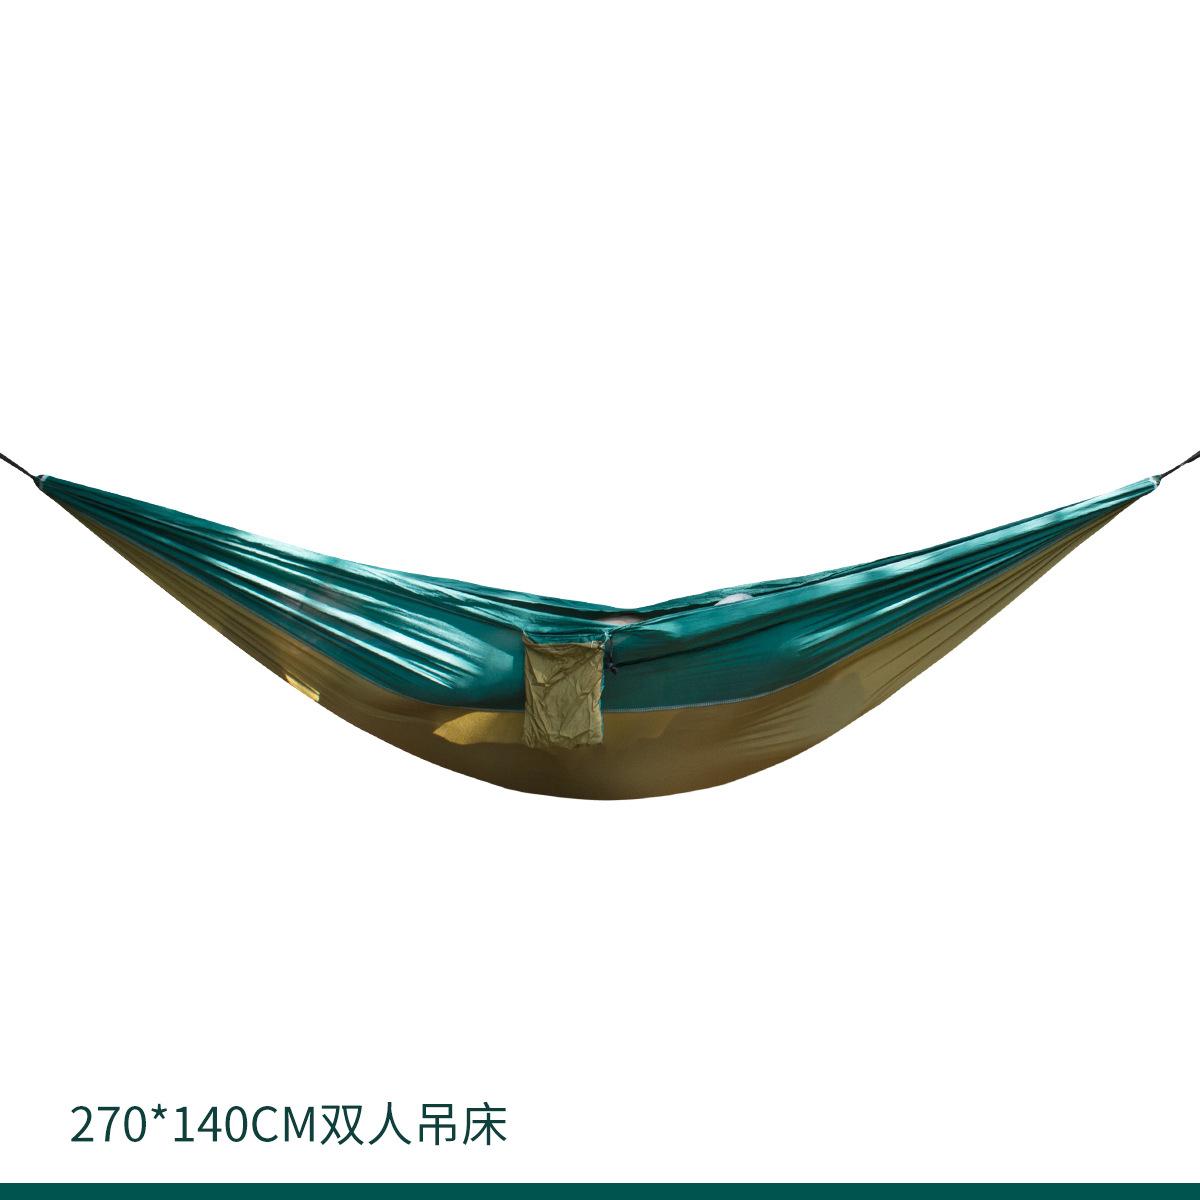 270*140双人吊床 亚马逊热卖尼丝纺 210T降落伞布吊床厂家直销